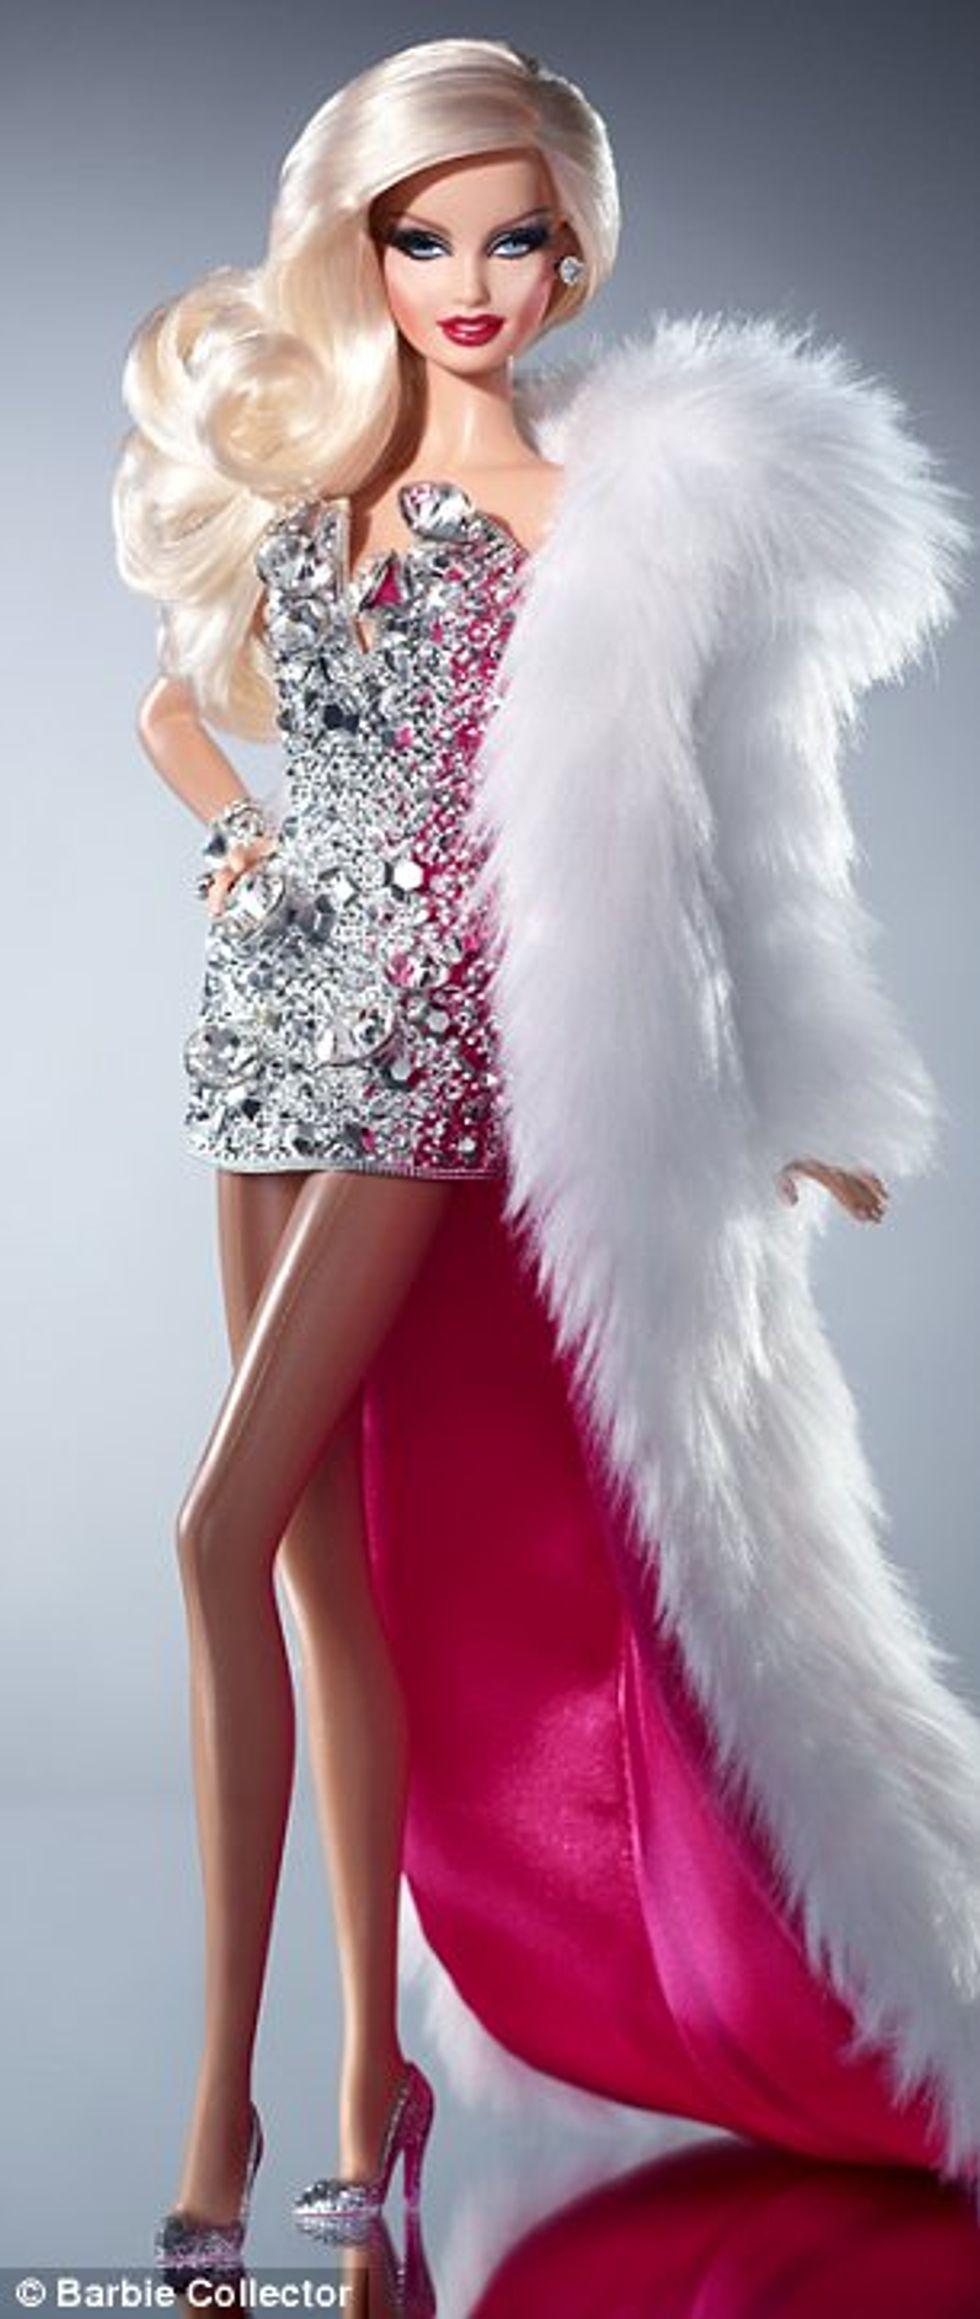 Barbie cambia: arriva il modello Drug Queen